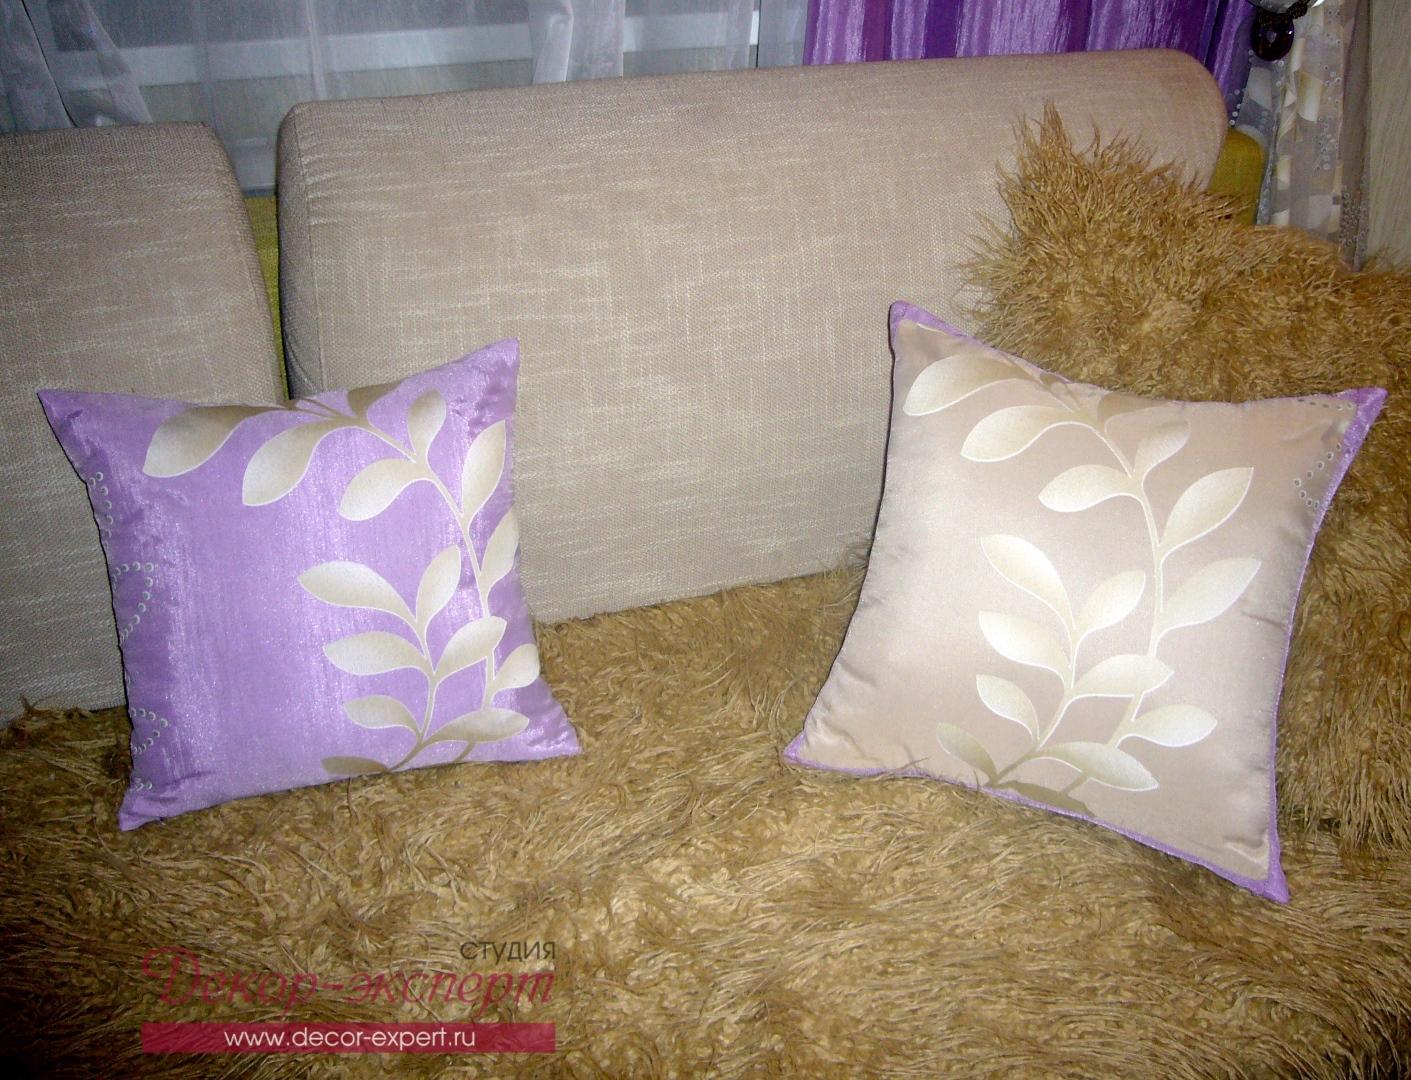 Декоративные подушки с наложением тюля поверх ткани.